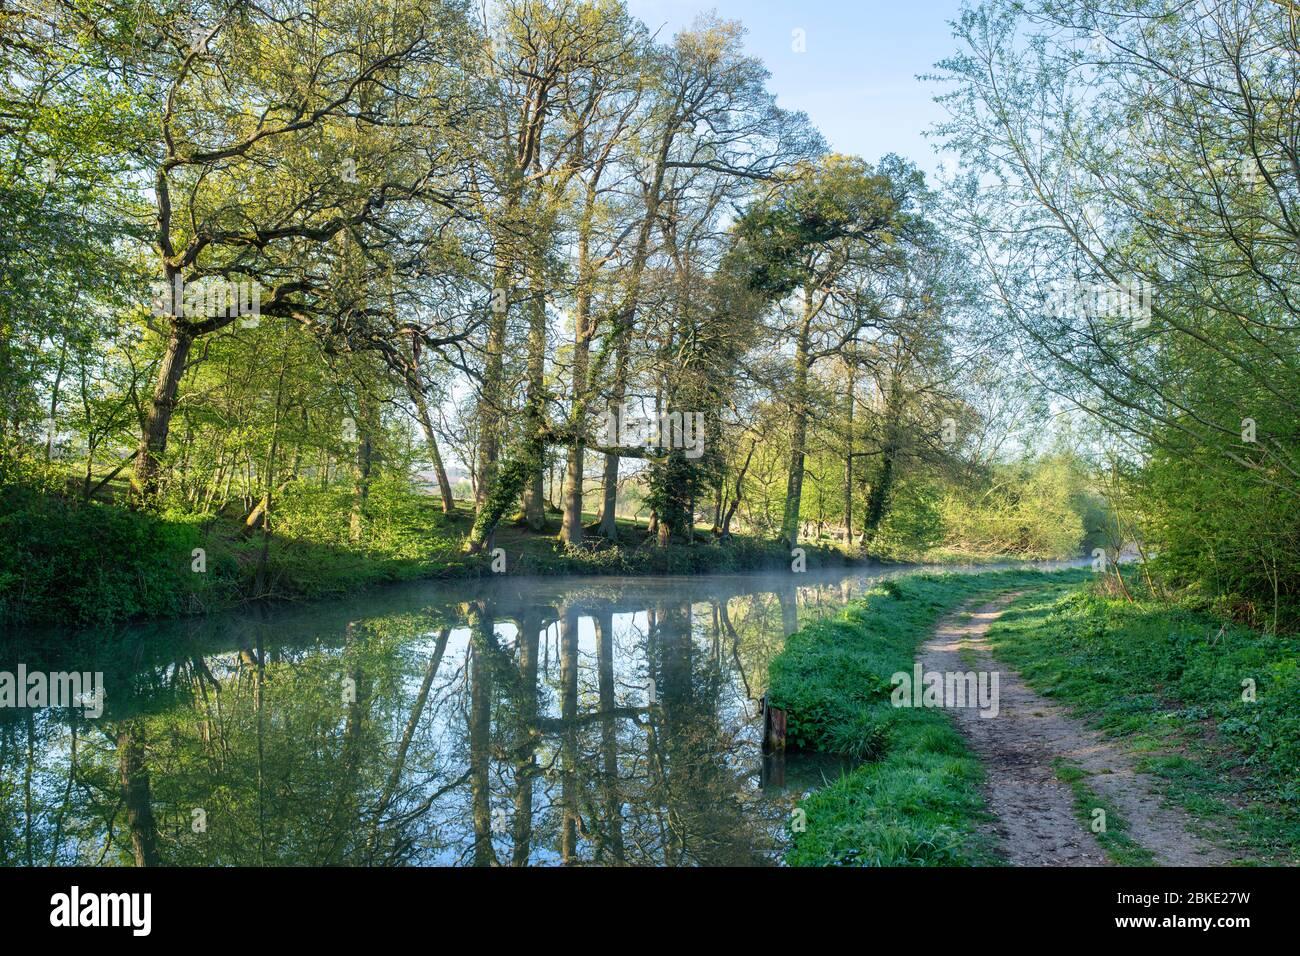 Reflexiones de árboles a lo largo del canal de Oxford en una mañana de primavera. Lower Heyford, Oxfordshire, Inglaterra Foto de stock